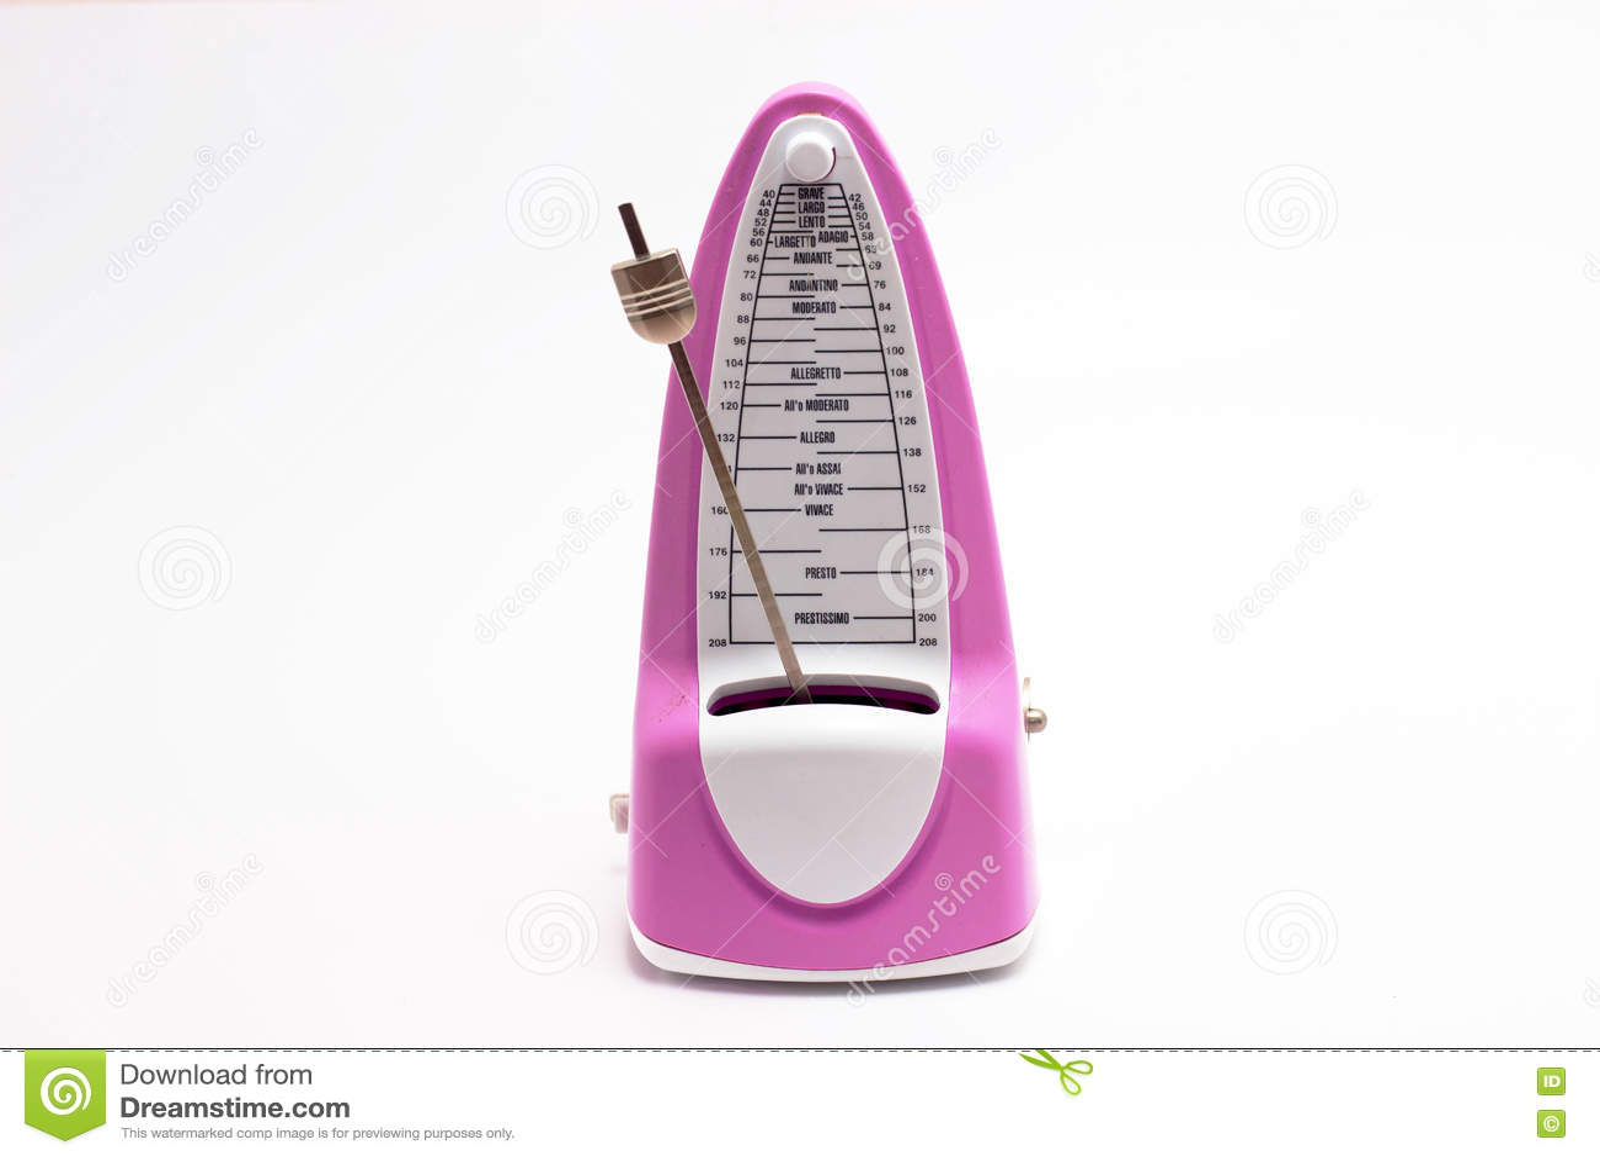 Download Розовый современный метроном Стоковое Фото - изображение насчитывающей деревянно, маштаб: 72281438